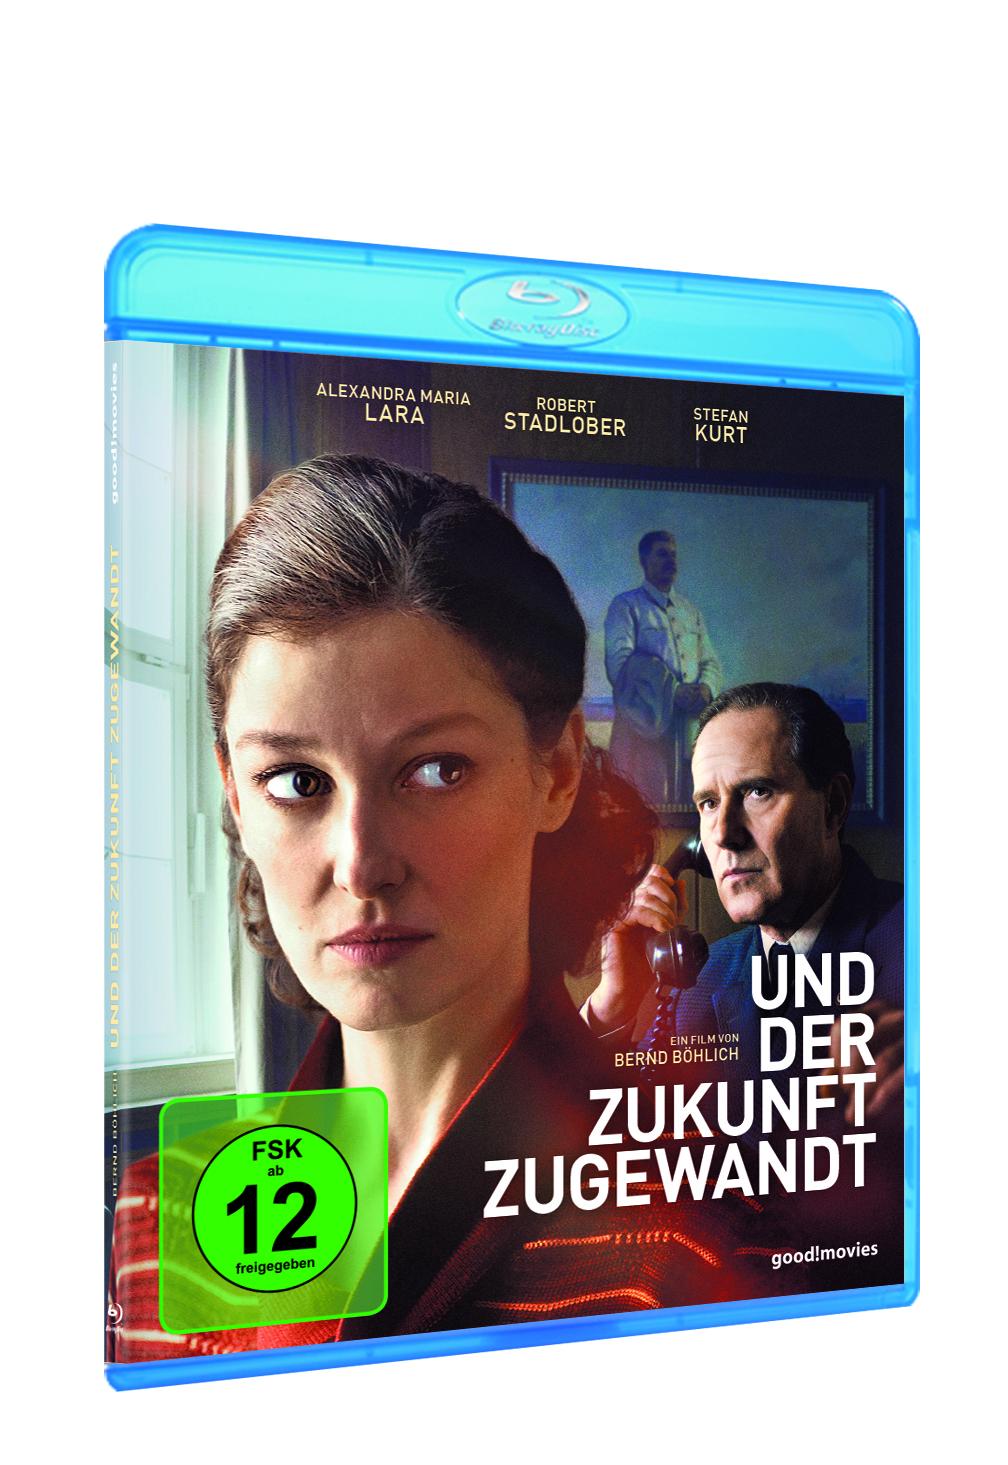 Auf dem Cover der Blu-ray zu Und der Zukunft zugewandt sieht man Hauptdarstellerin Alexandra Maria Lara in Großaufnahme, dahinter Stefan Kurt, der zum Telefonhörer greift.